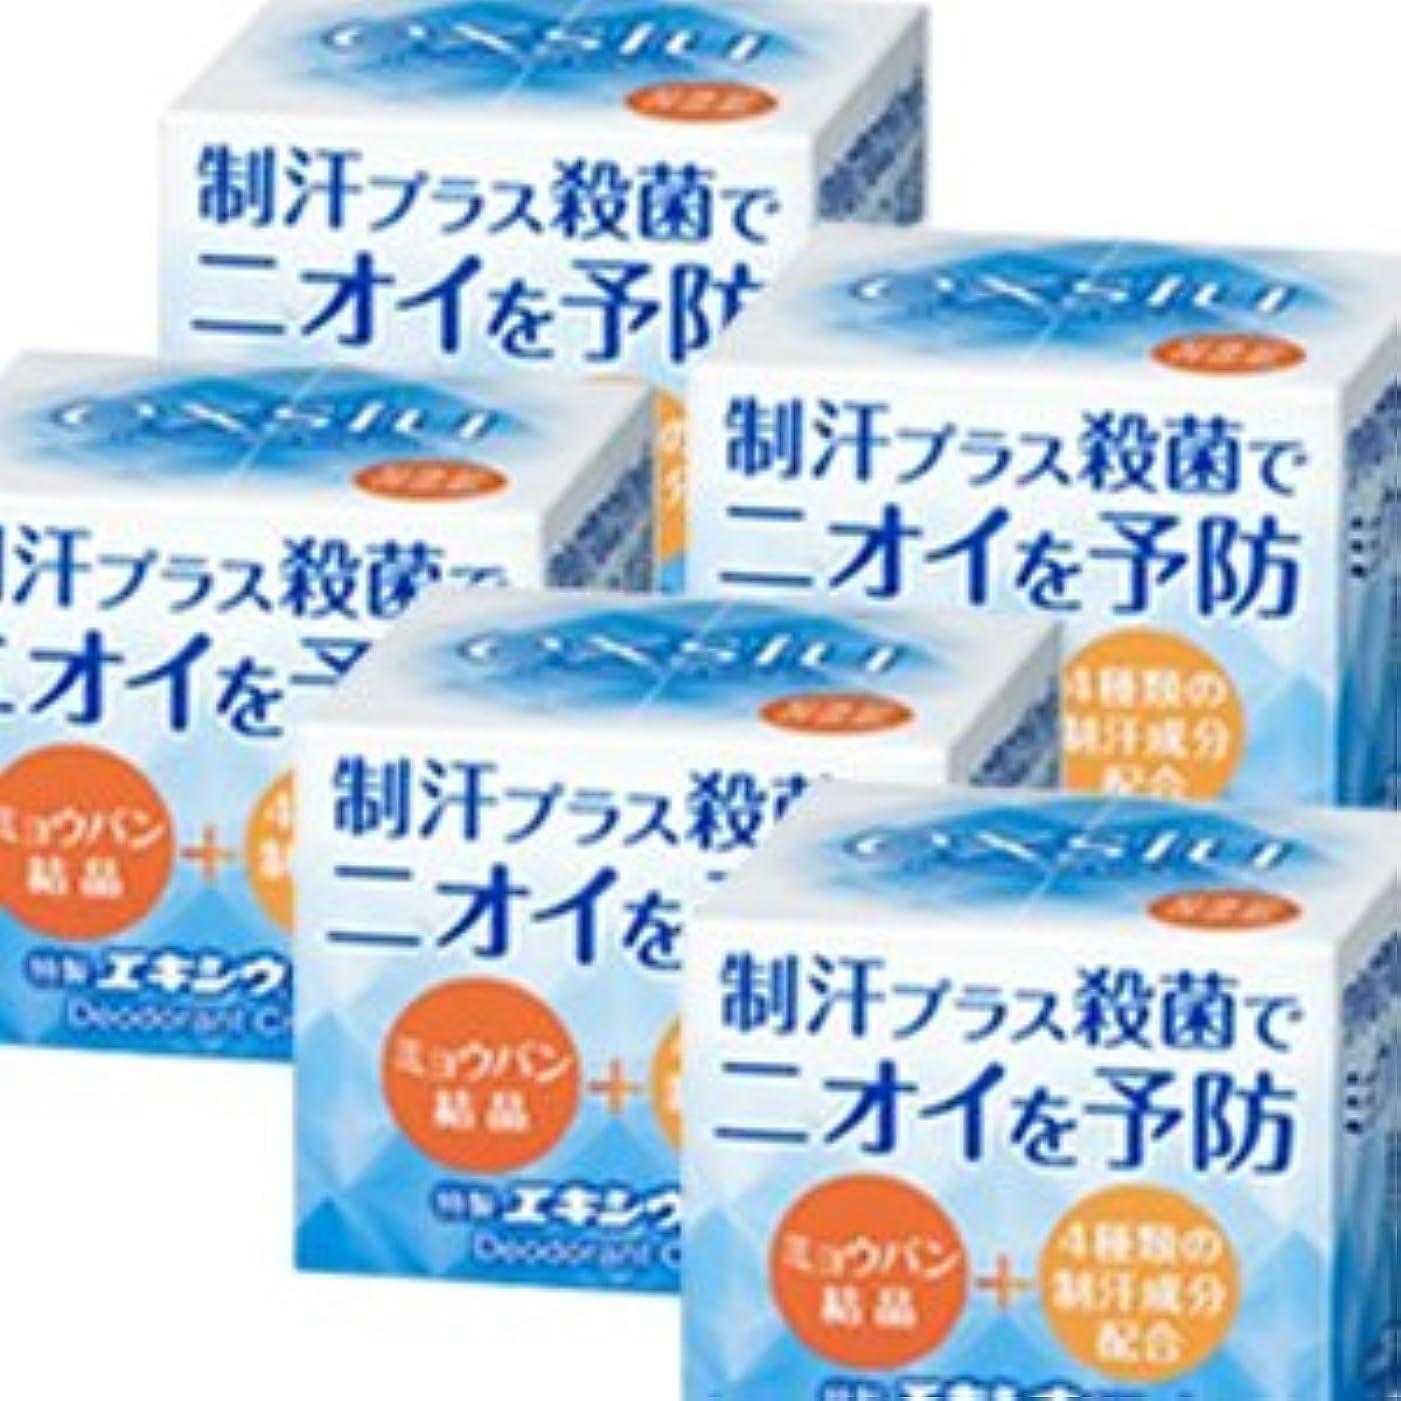 永久解明三十【5個】 特製エキシウクリーム 30gx5個 (4987145200228)